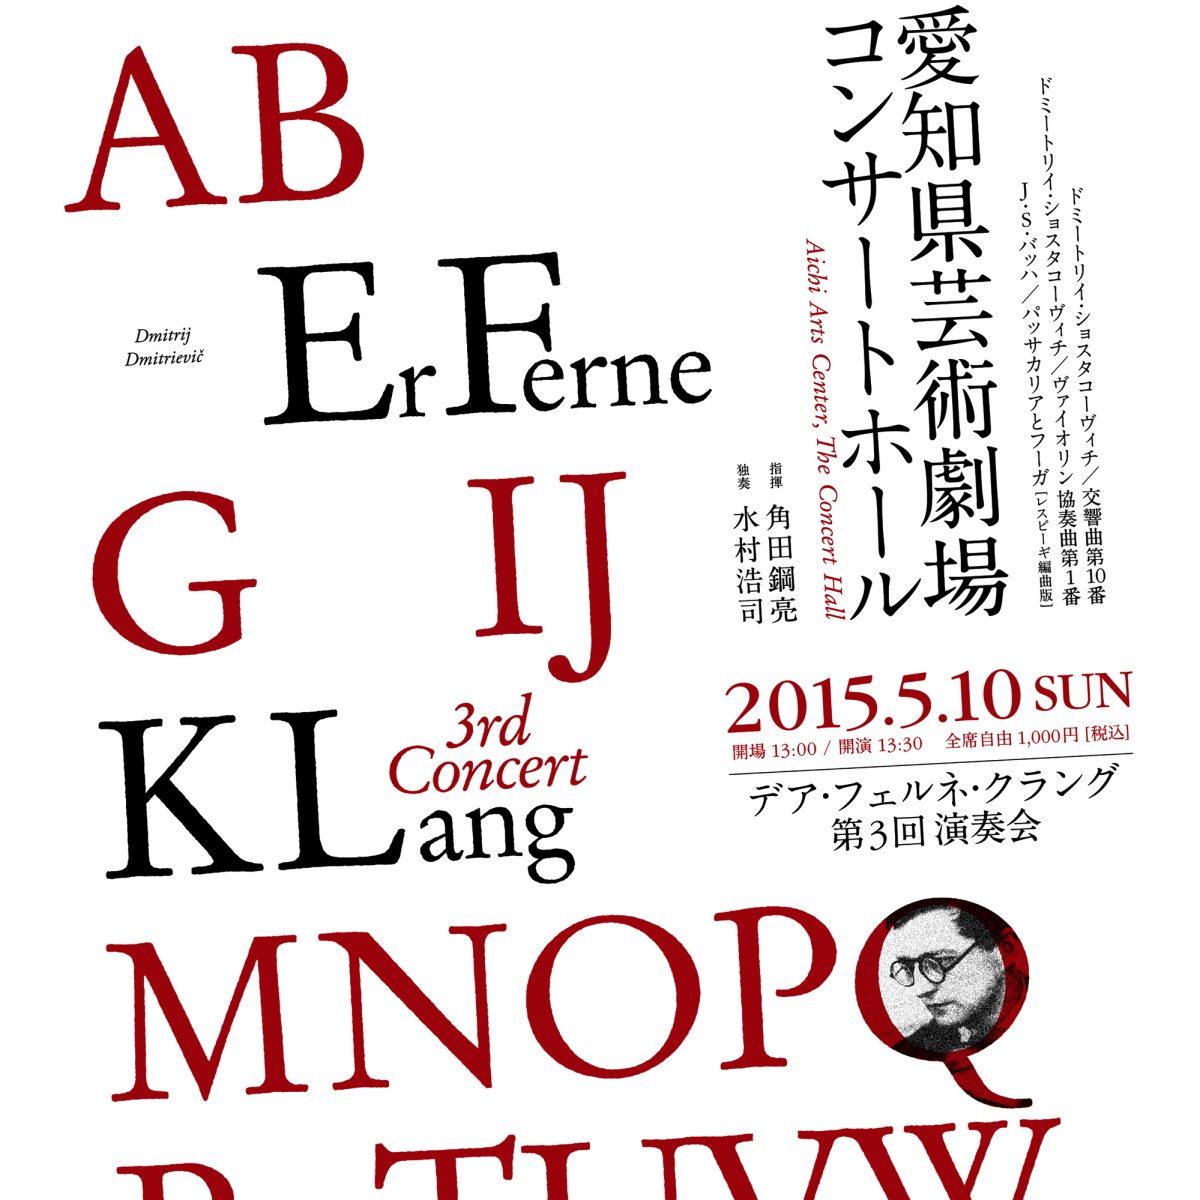 Der ferne Klang|3rd Concert - 愛知県芸術劇場コンサートホール|クラシック ポスター フライヤー プログラム グラフィックデザイン